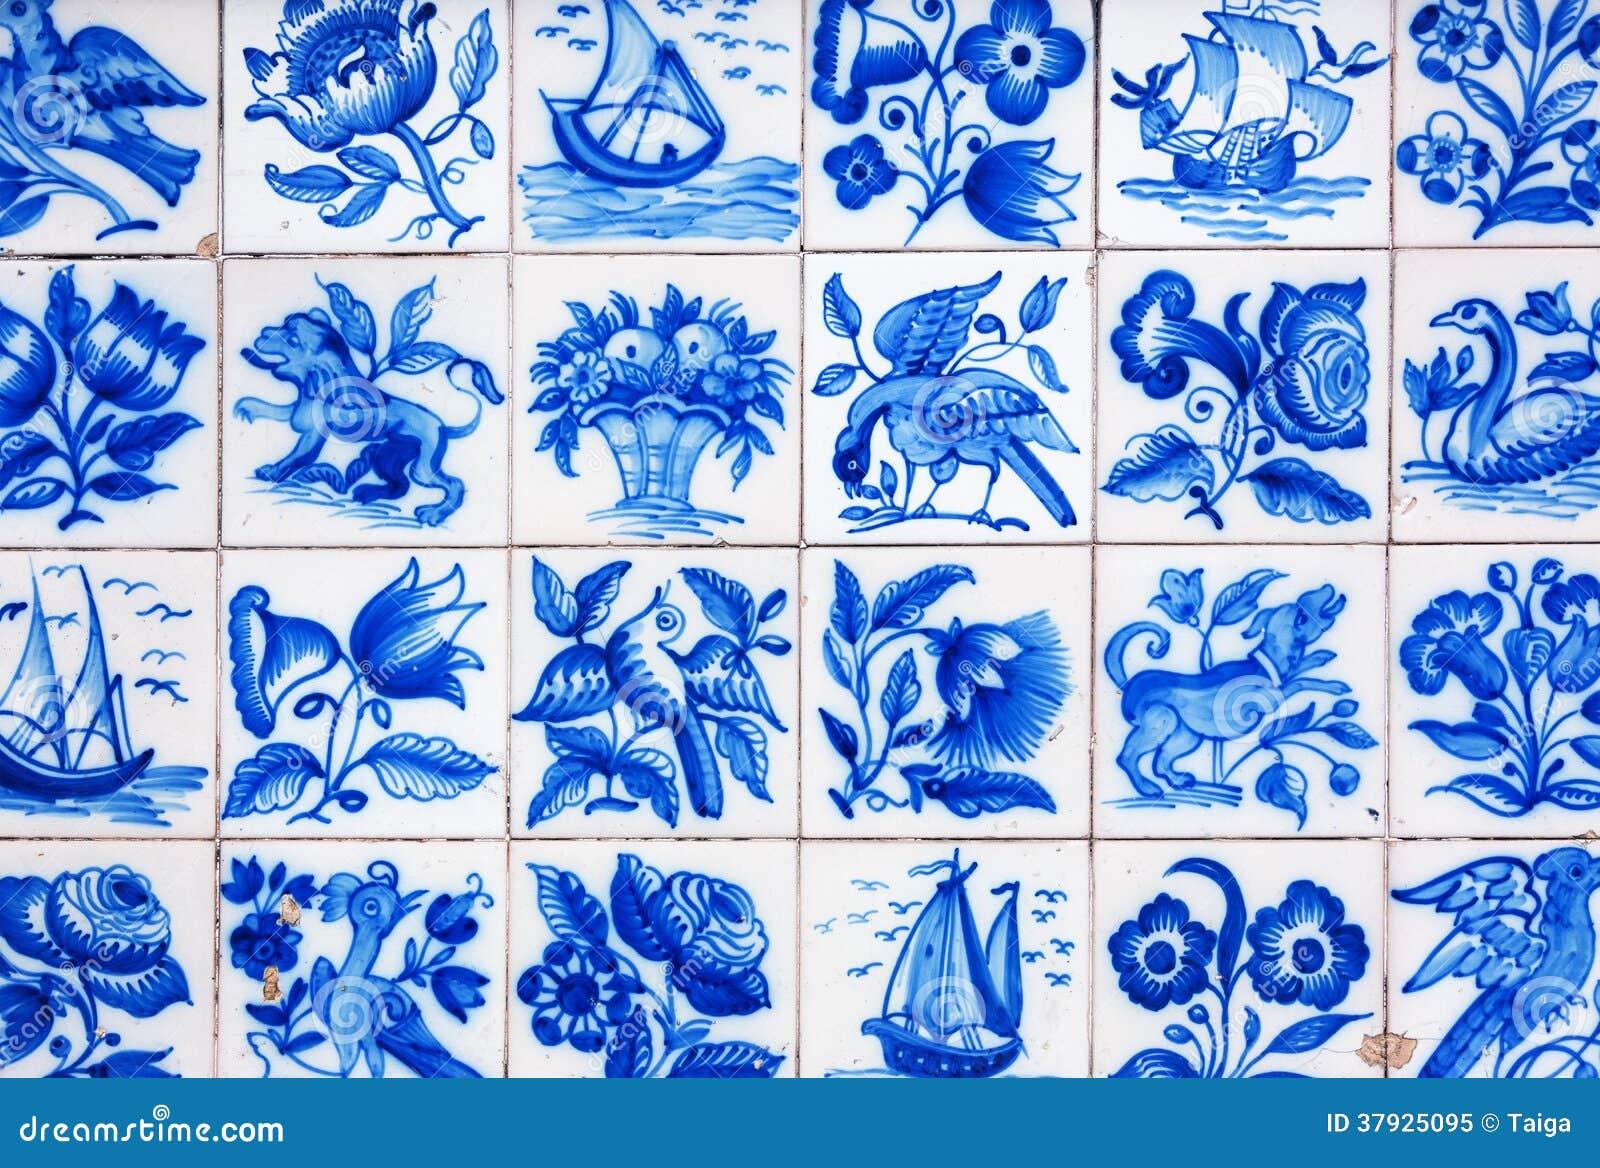 Handmade традиционная португальская плитка (azulejos), Лиссабон, Португалия